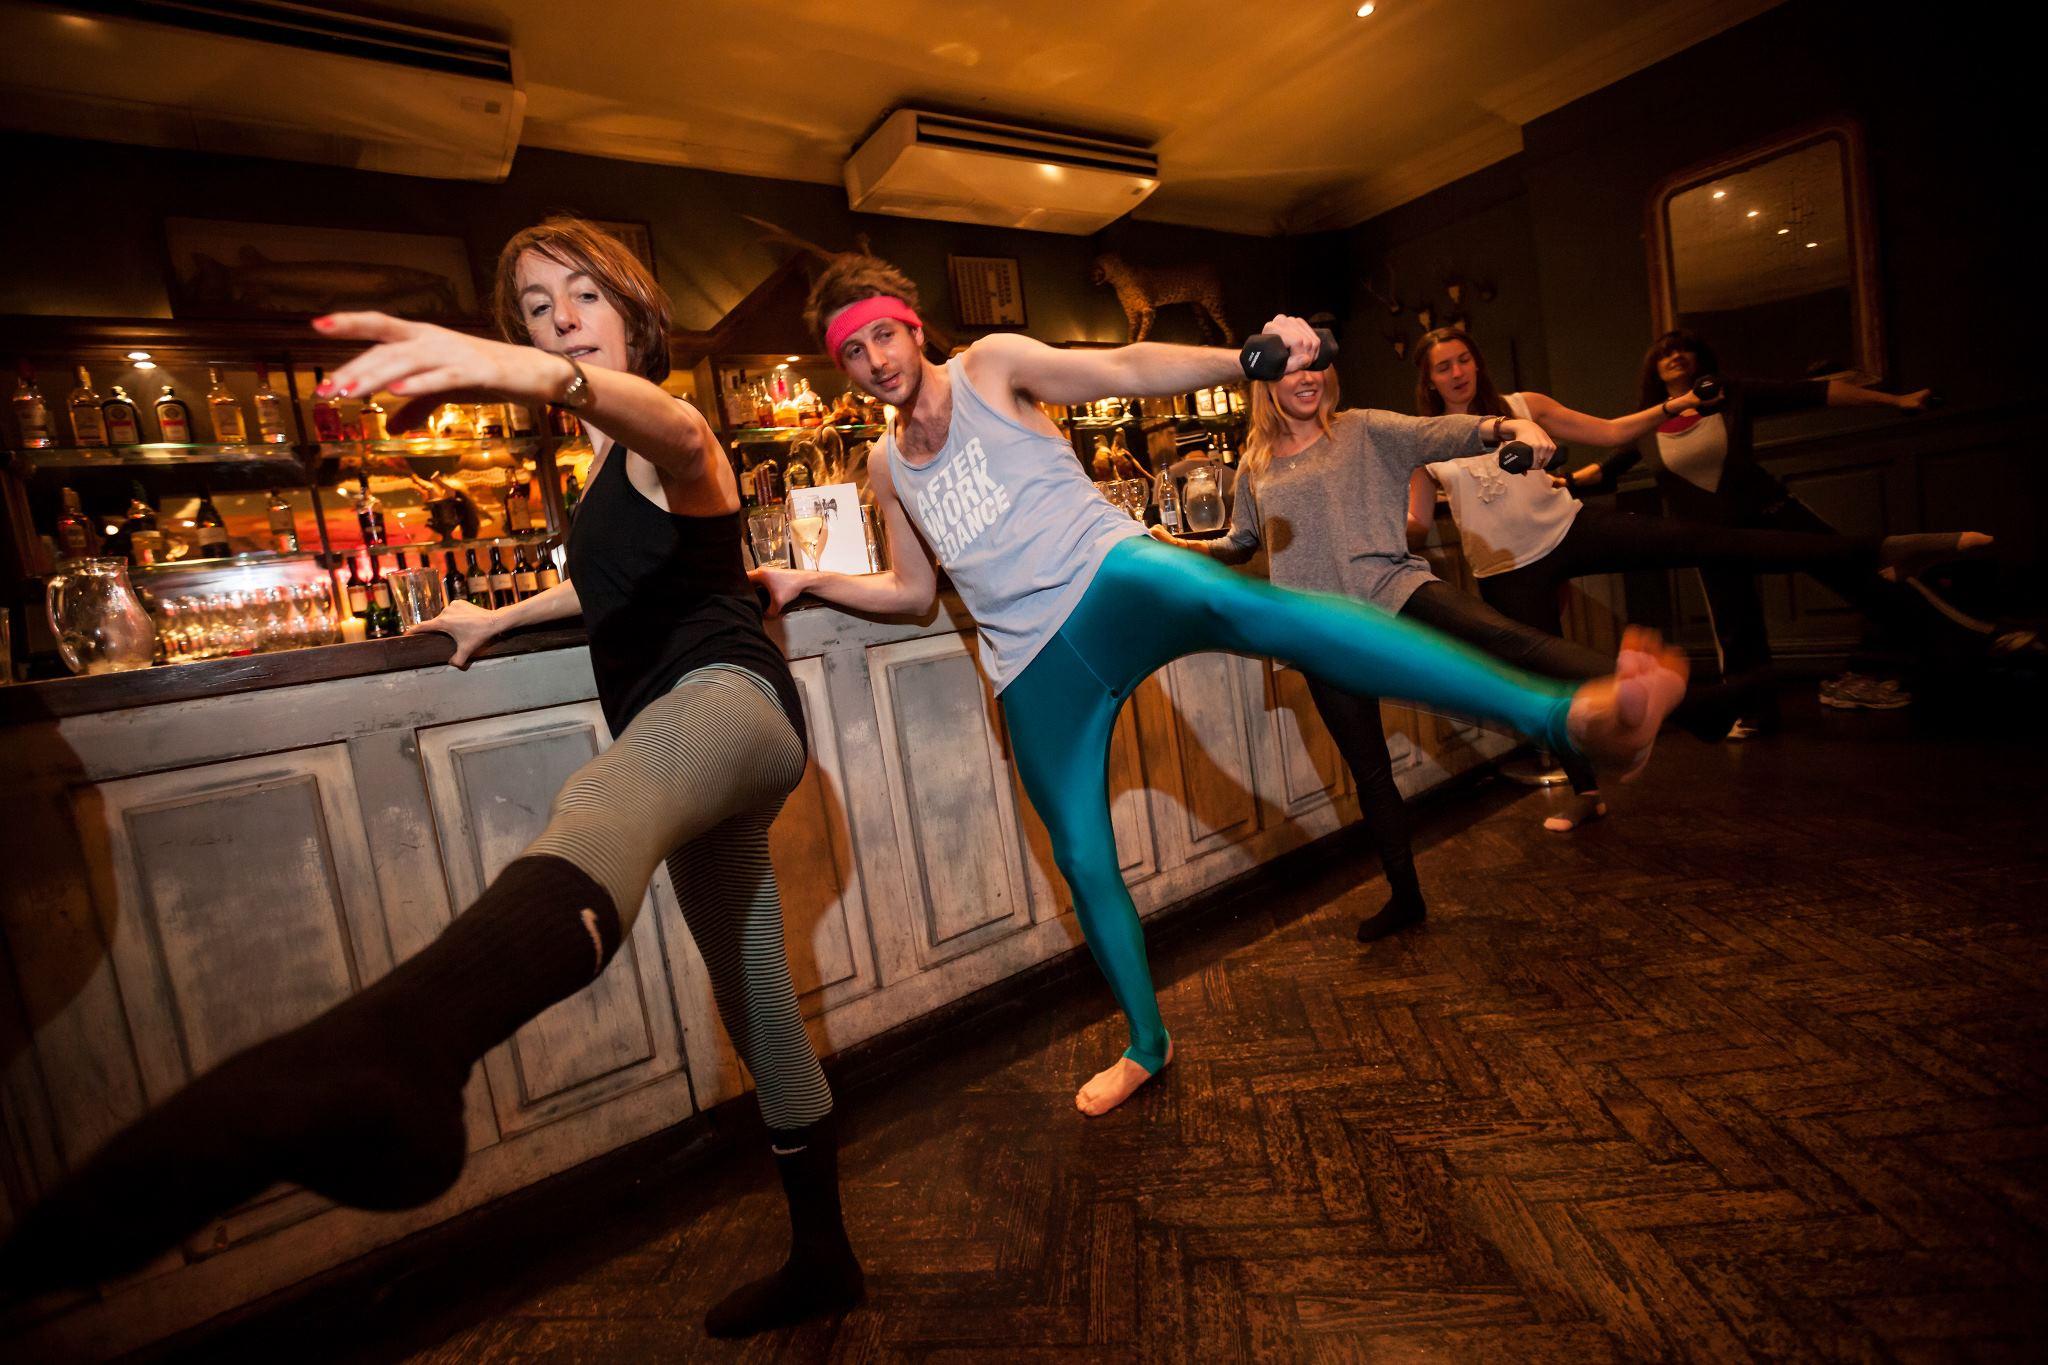 Alexi tries out pub ballet